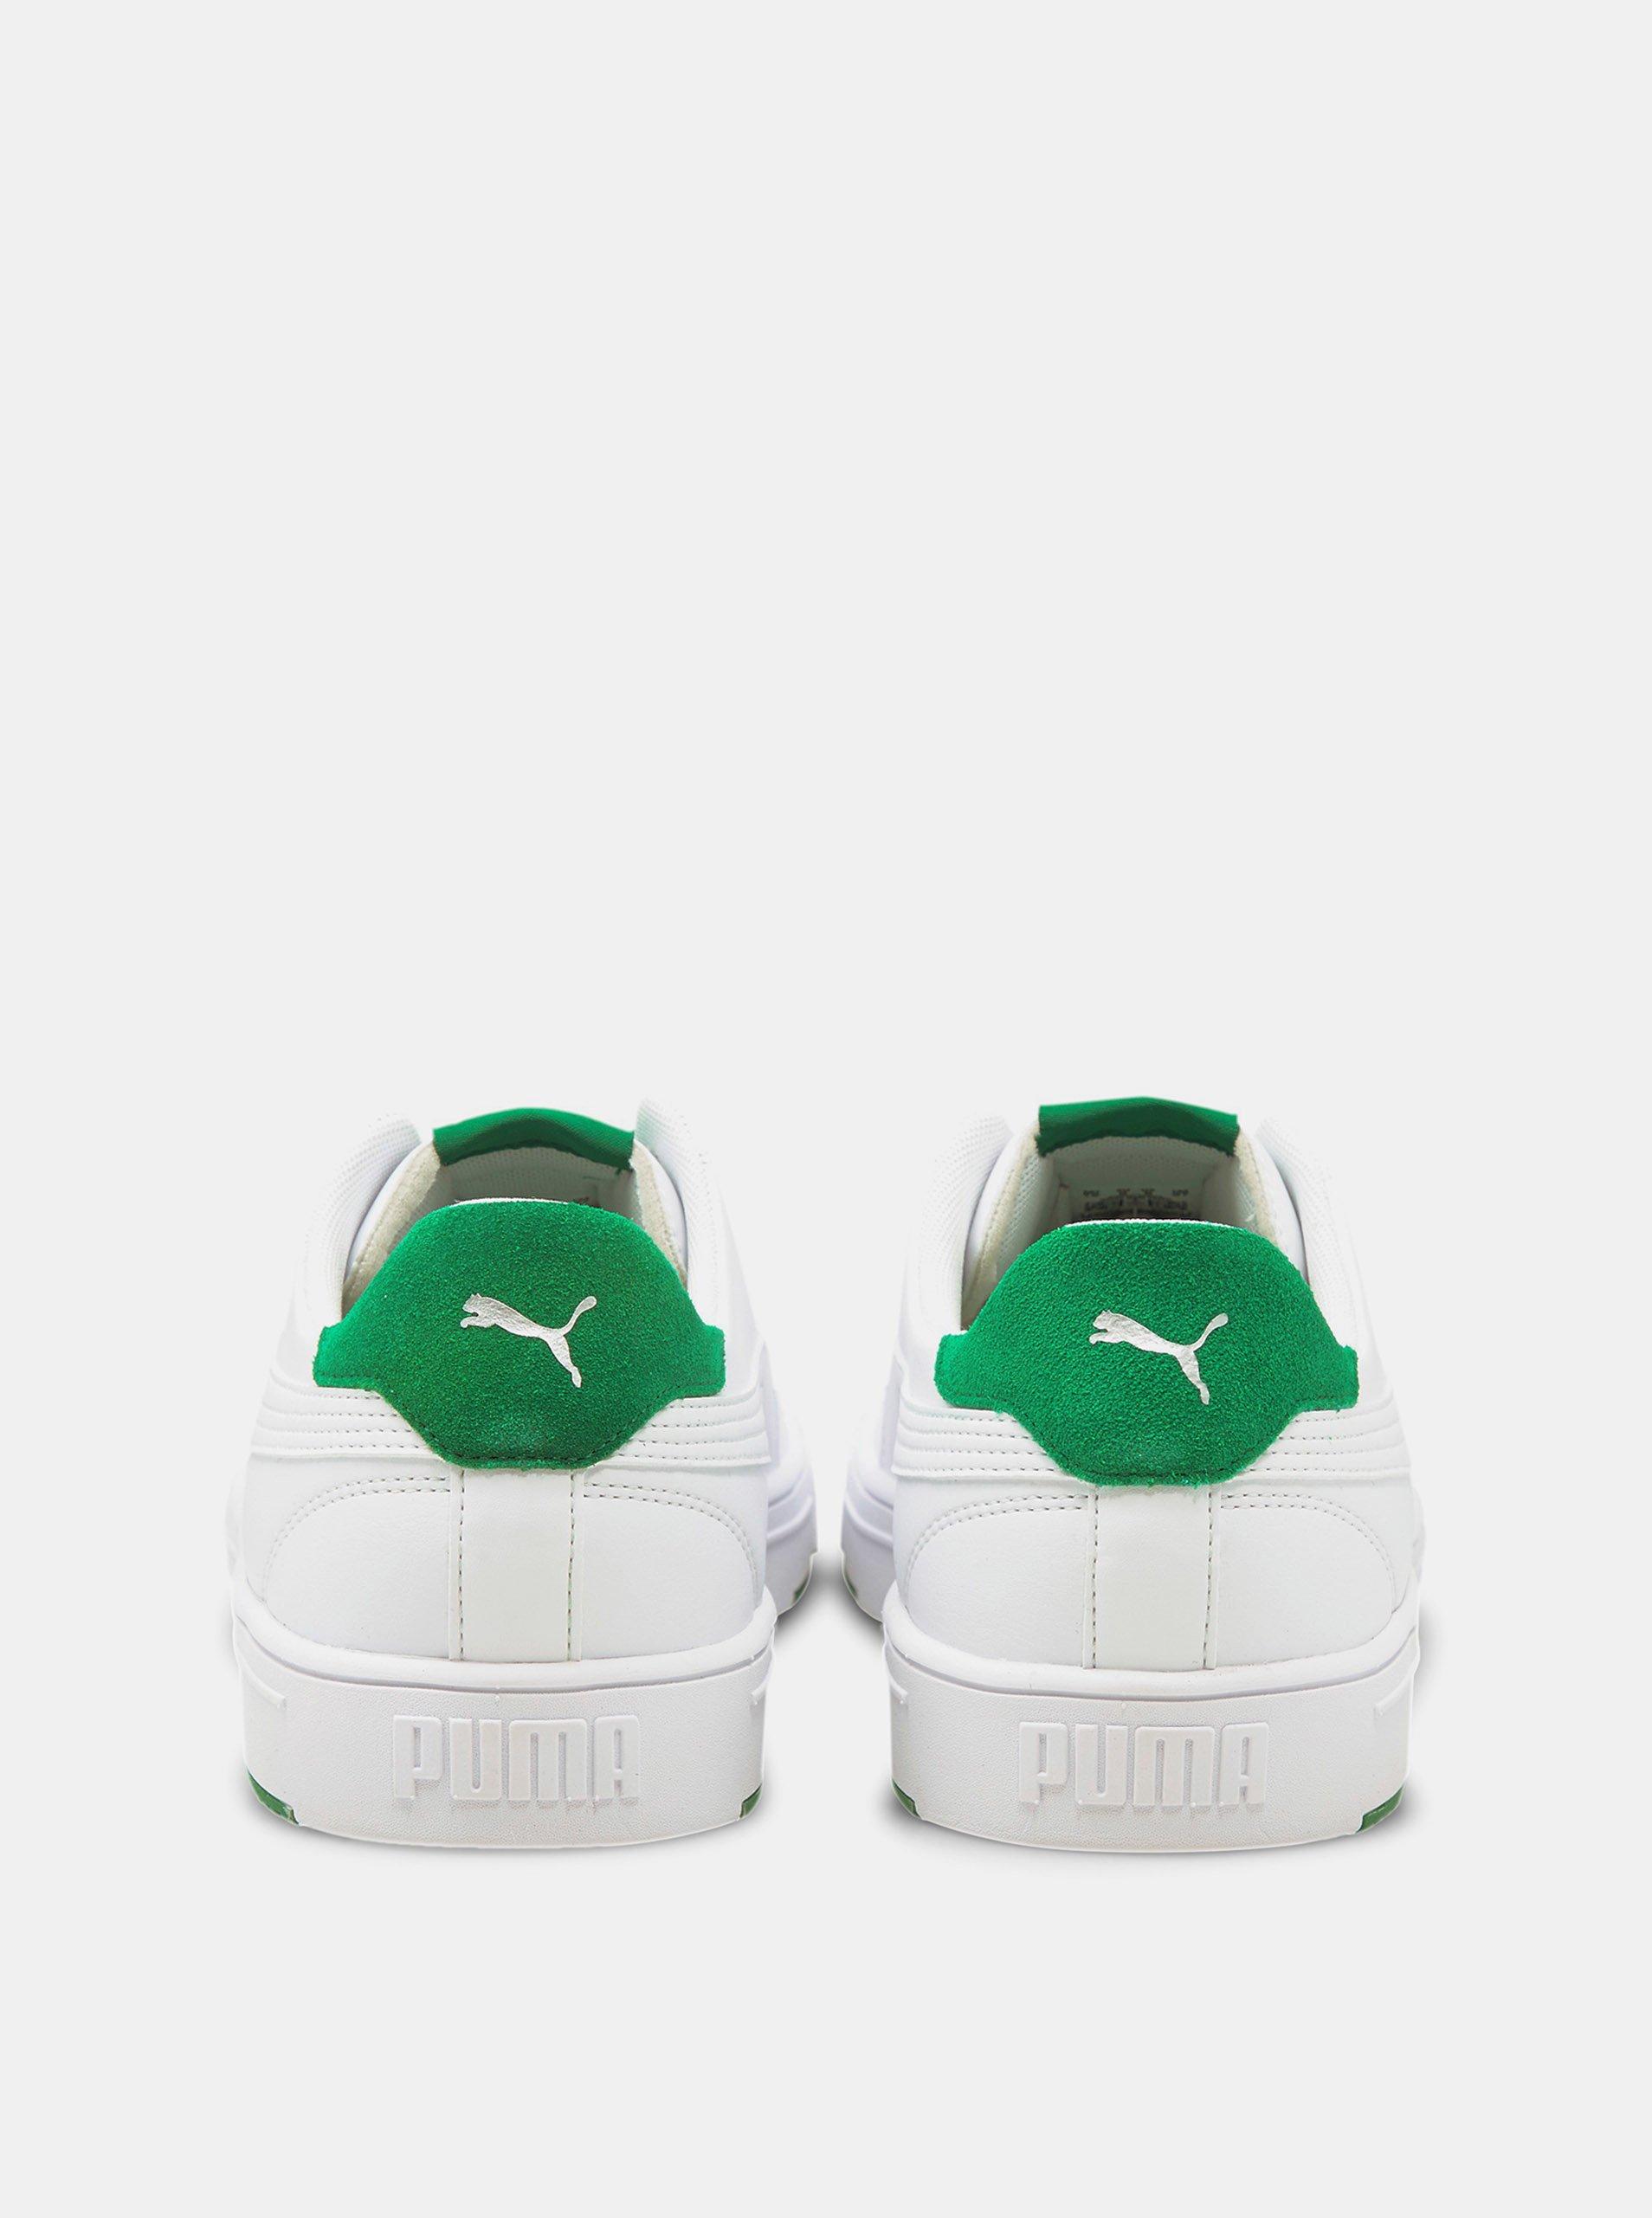 Biele pánske kožené tenisky Puma.